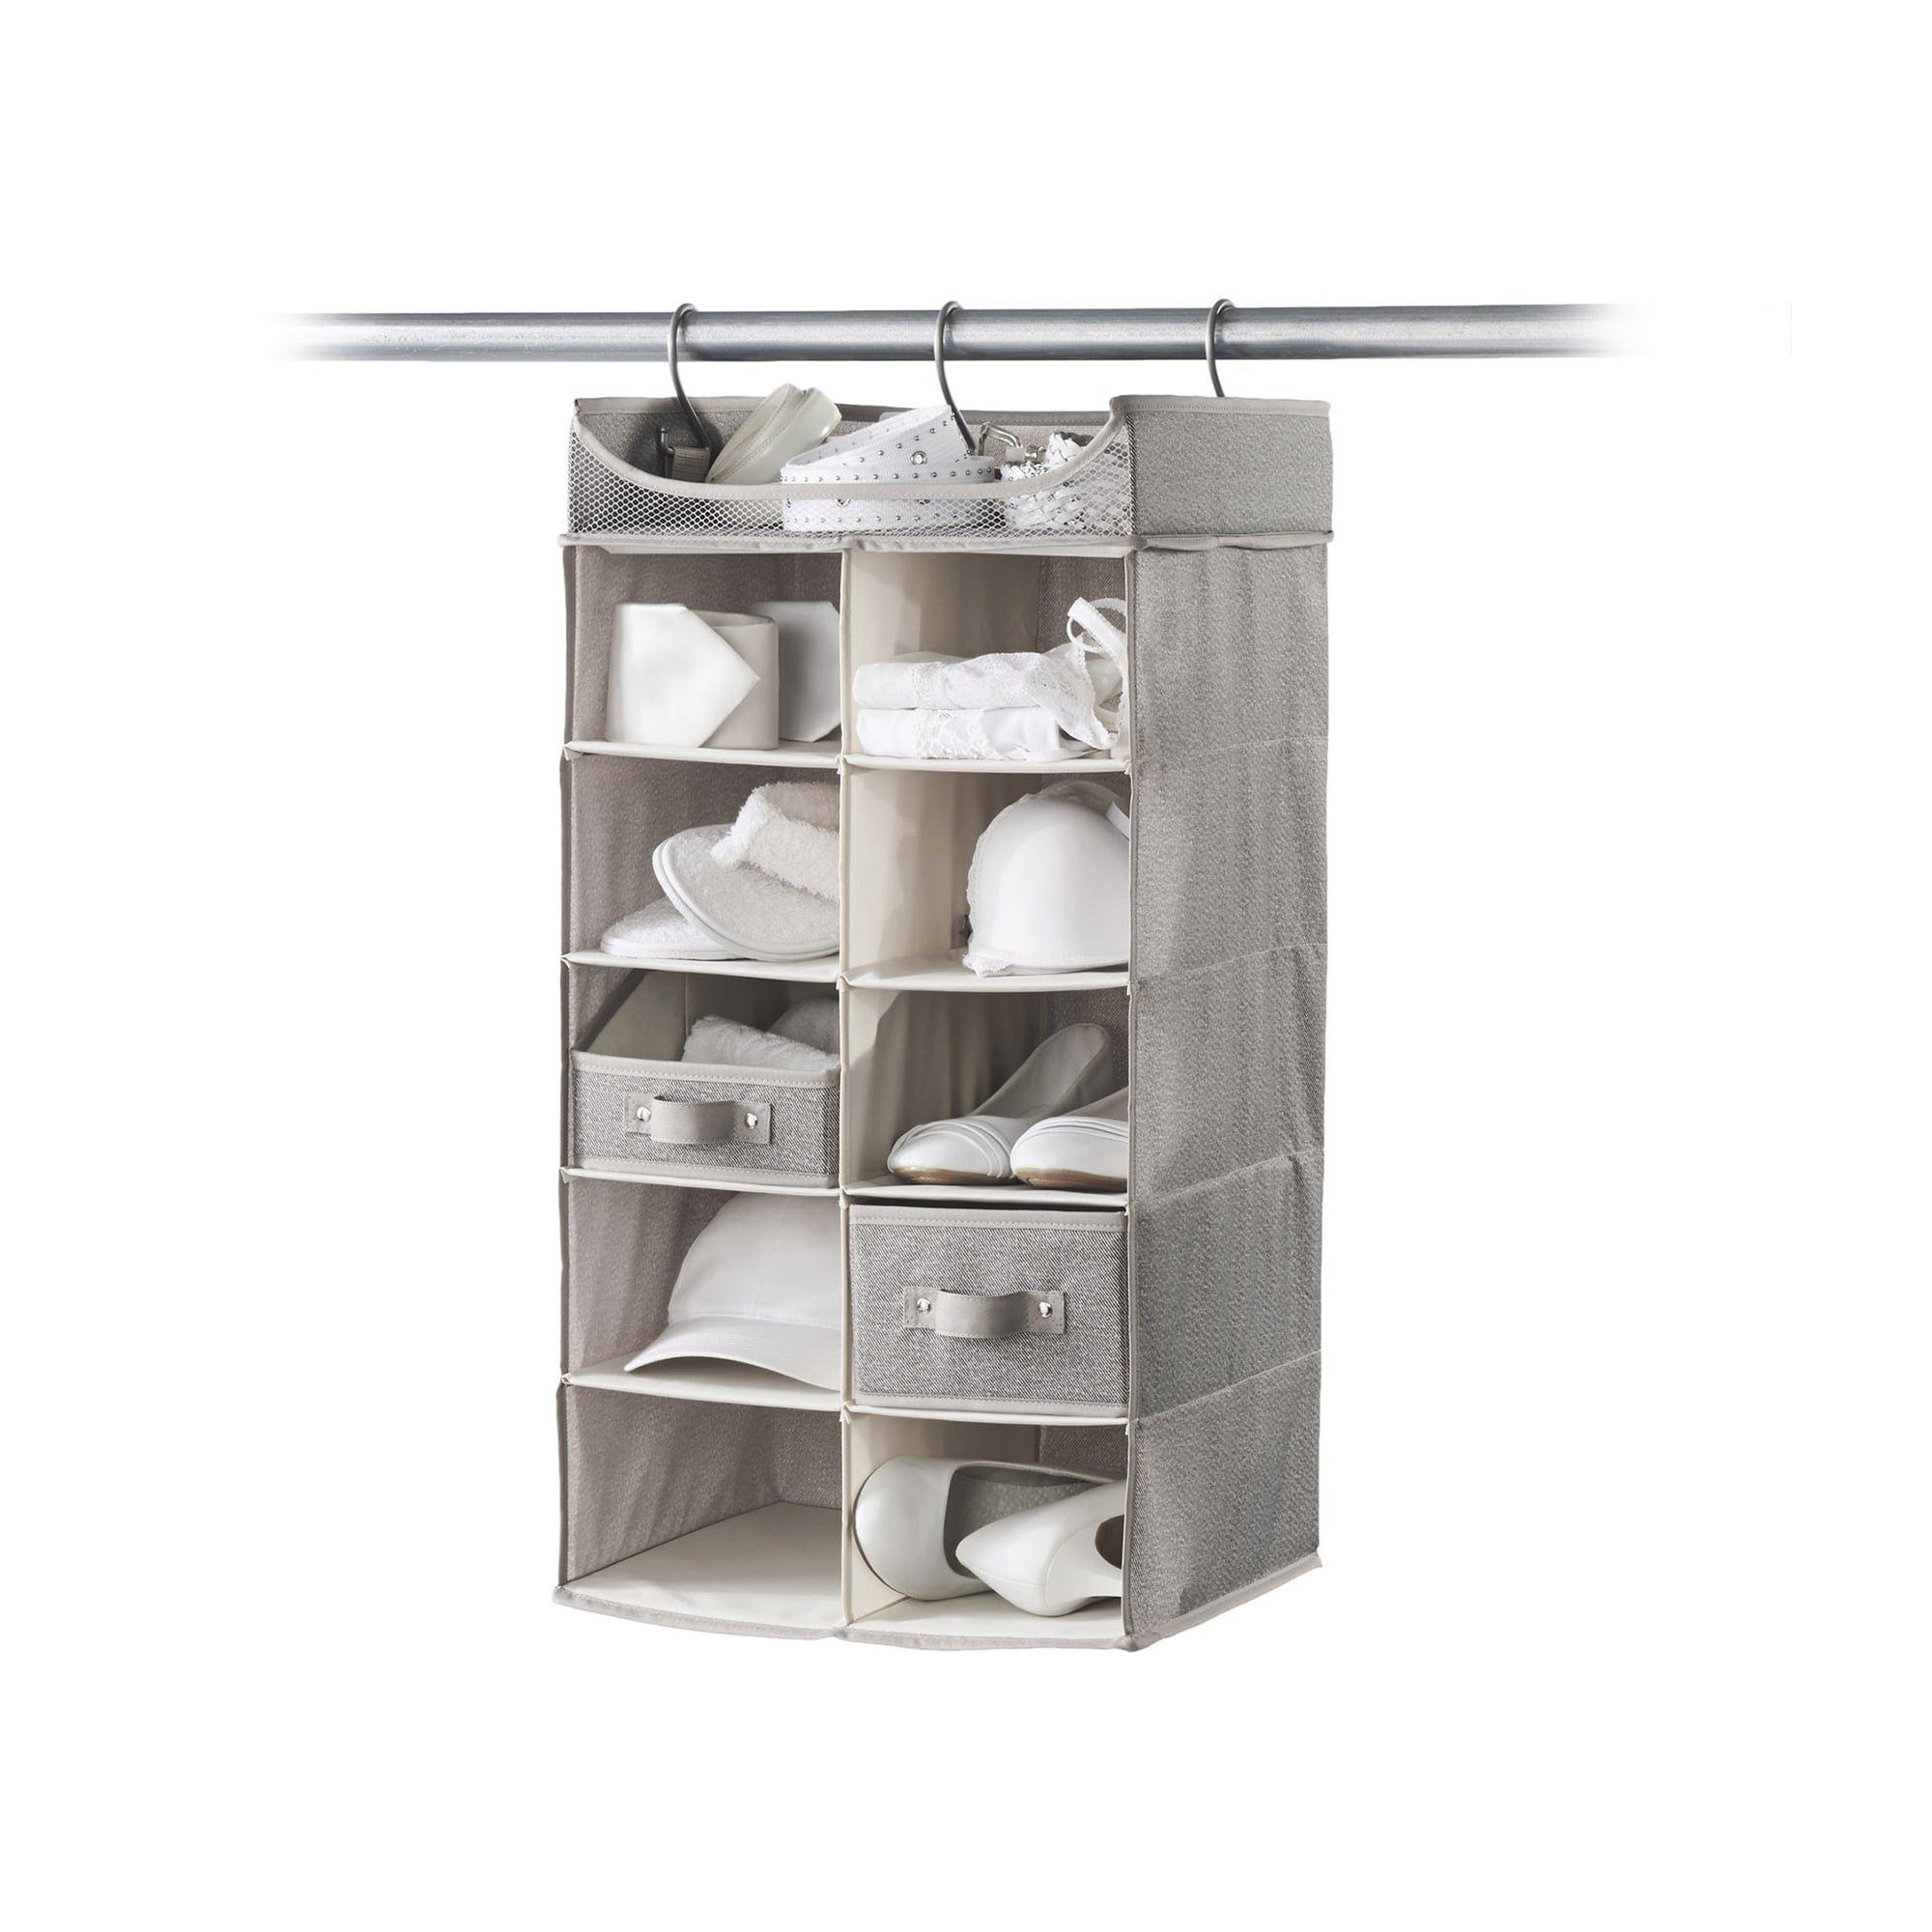 neatfreak Harmony Twill 2X5 Shelf Closet Organizer by Closet Spice (Image #3)